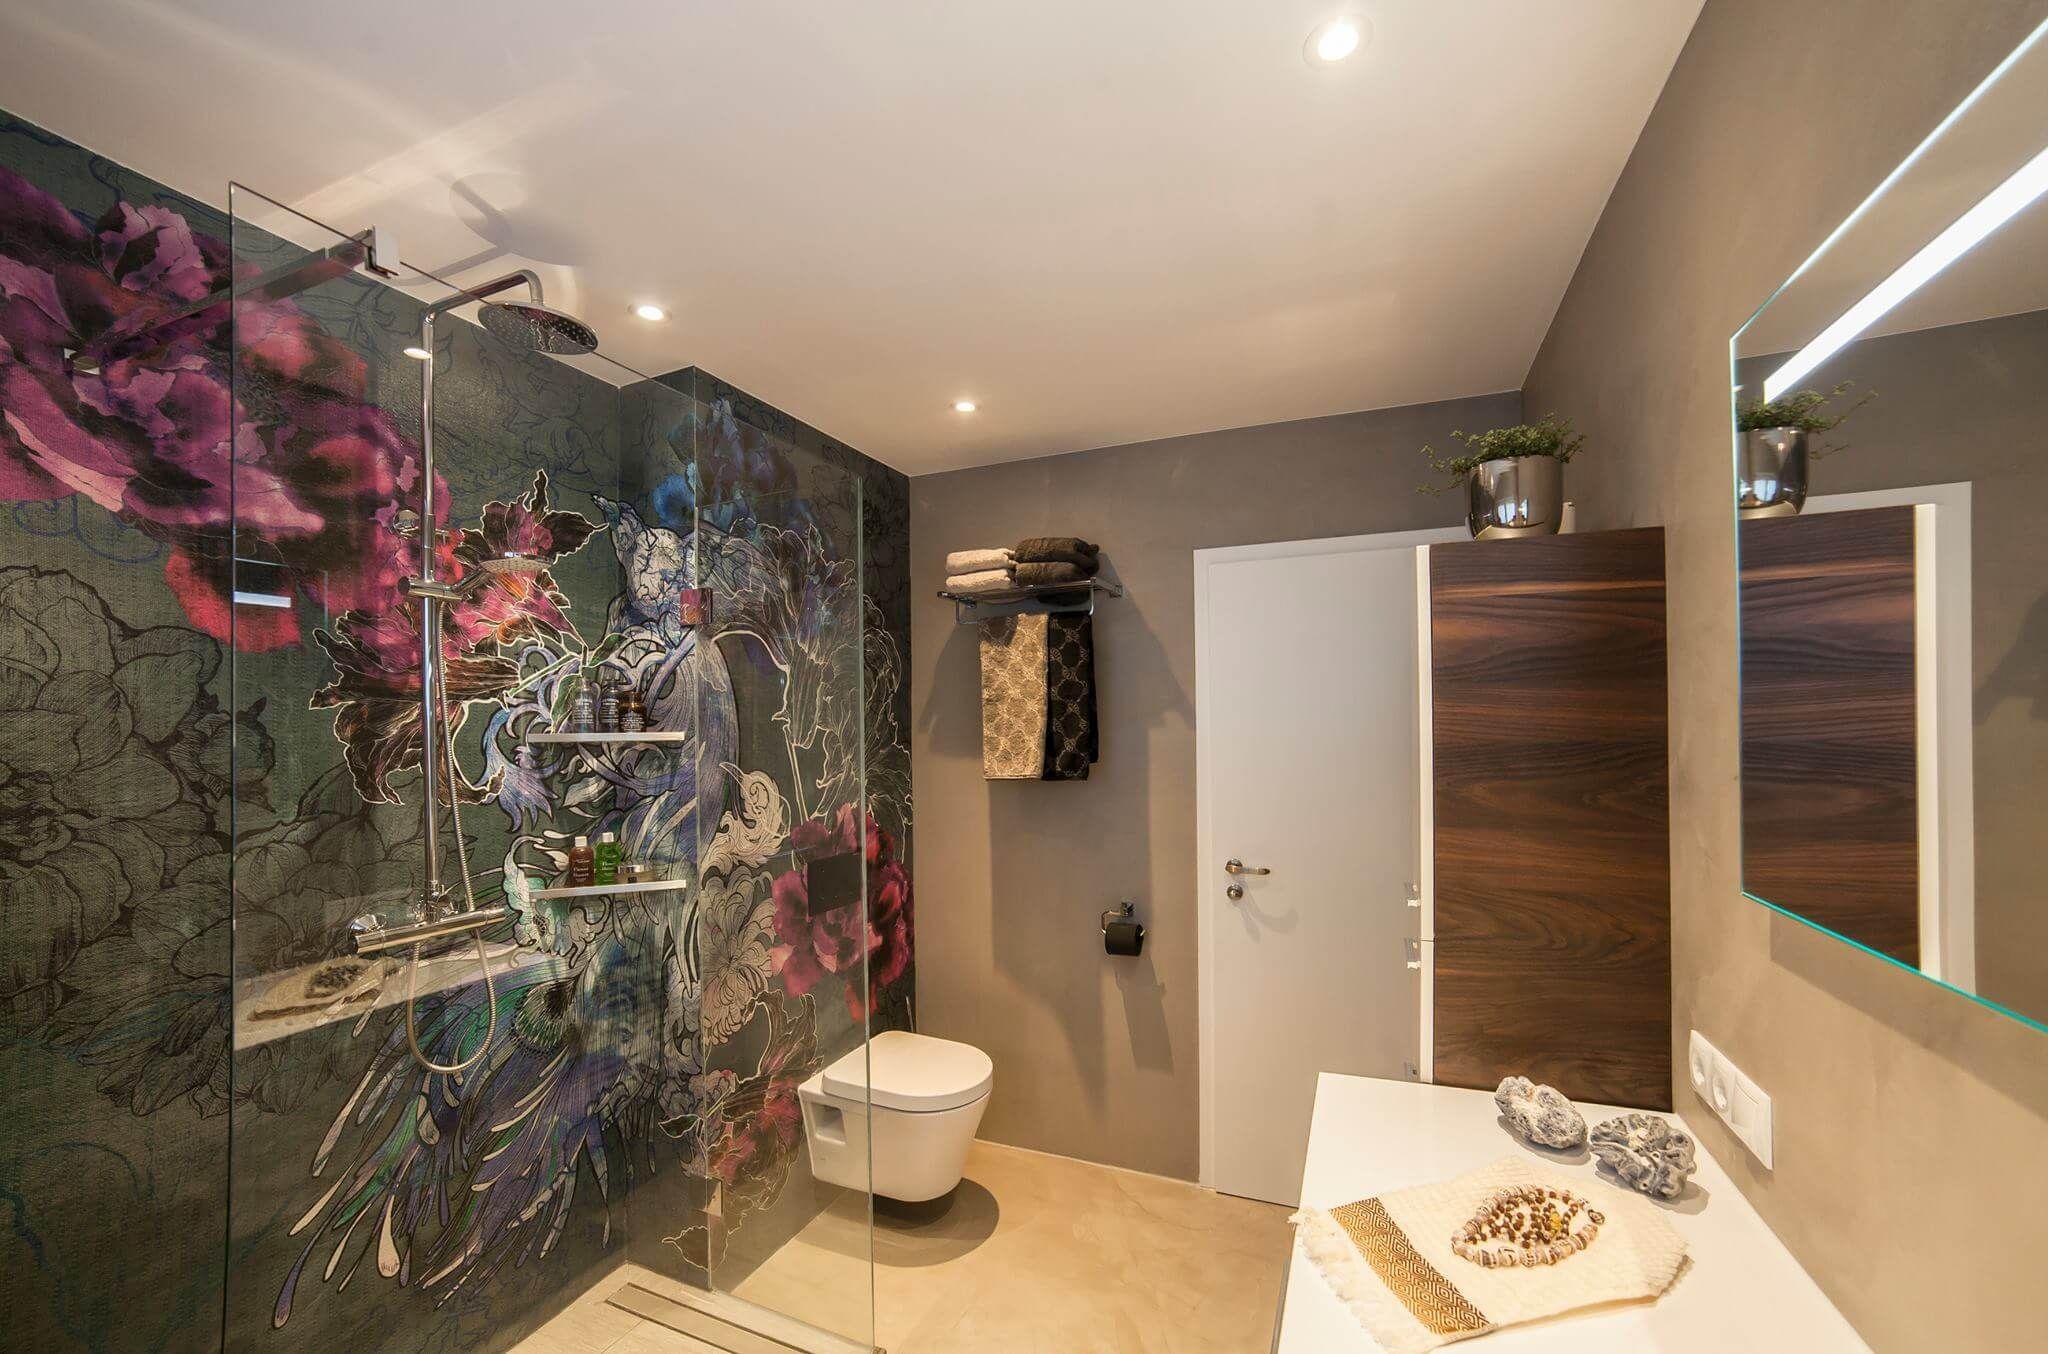 Kleine Exklusive Bader Badezimmer Tapete Bad Badezimmer